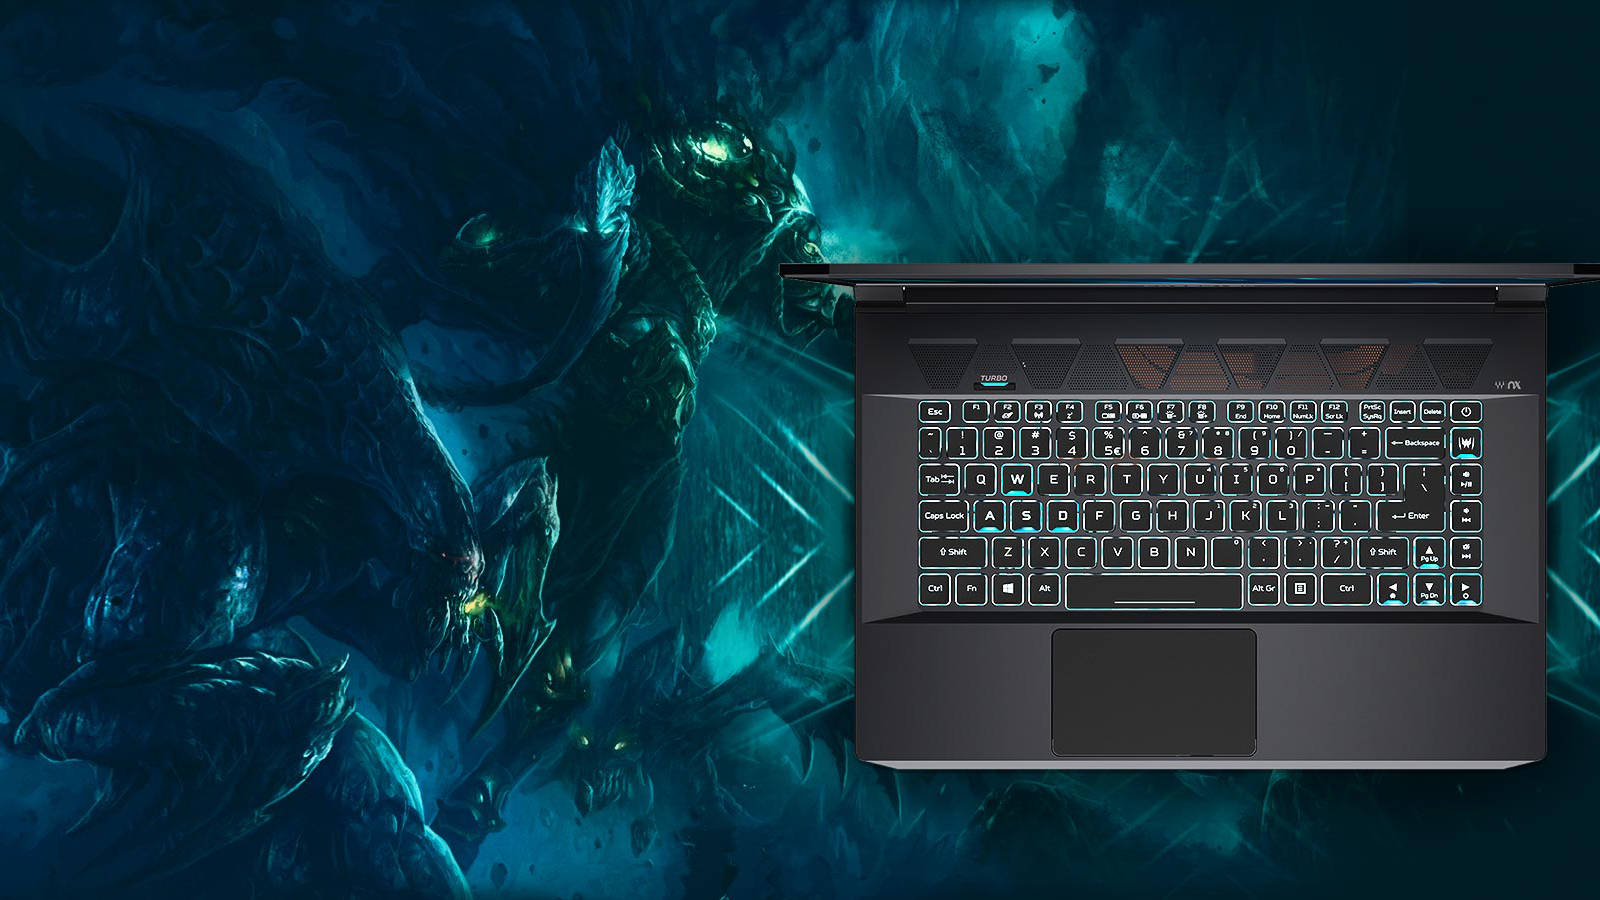 Đánh giá tổng quan Laptop Gaming Acer Predator Triton 500 PT515-51-79ZP 6